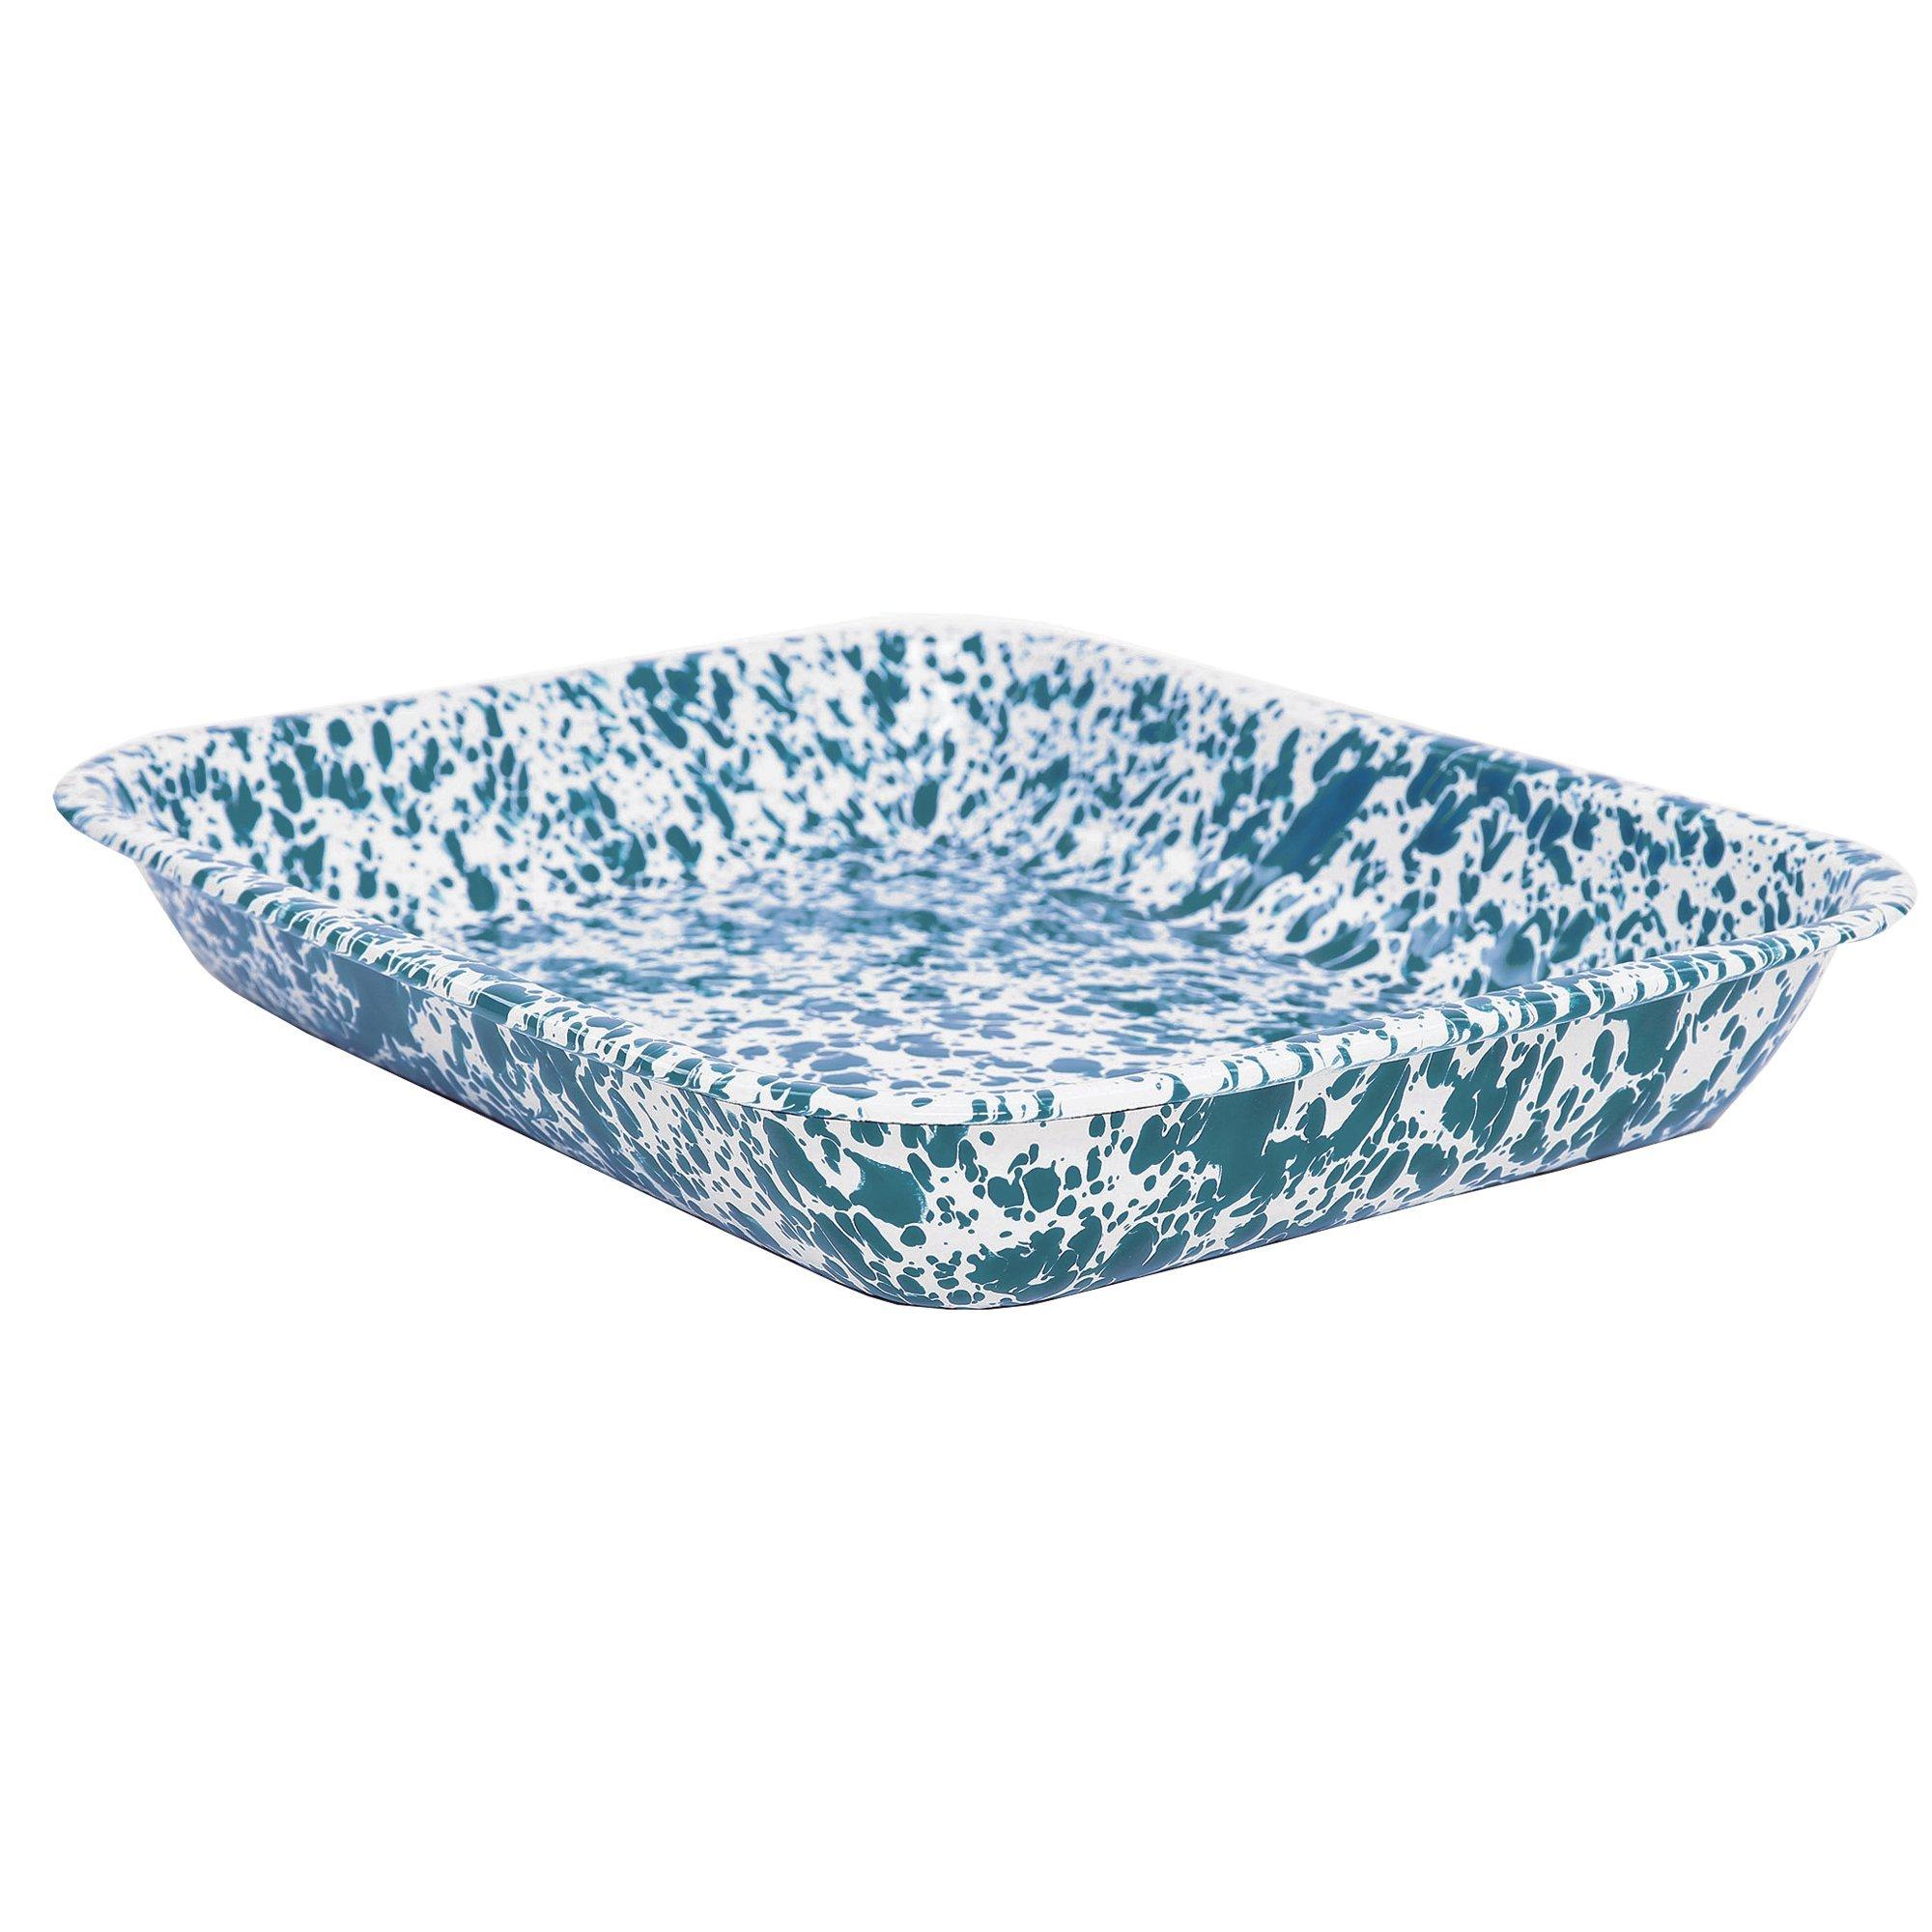 Enamelware Large Roasting Pan - Turquoise Marble